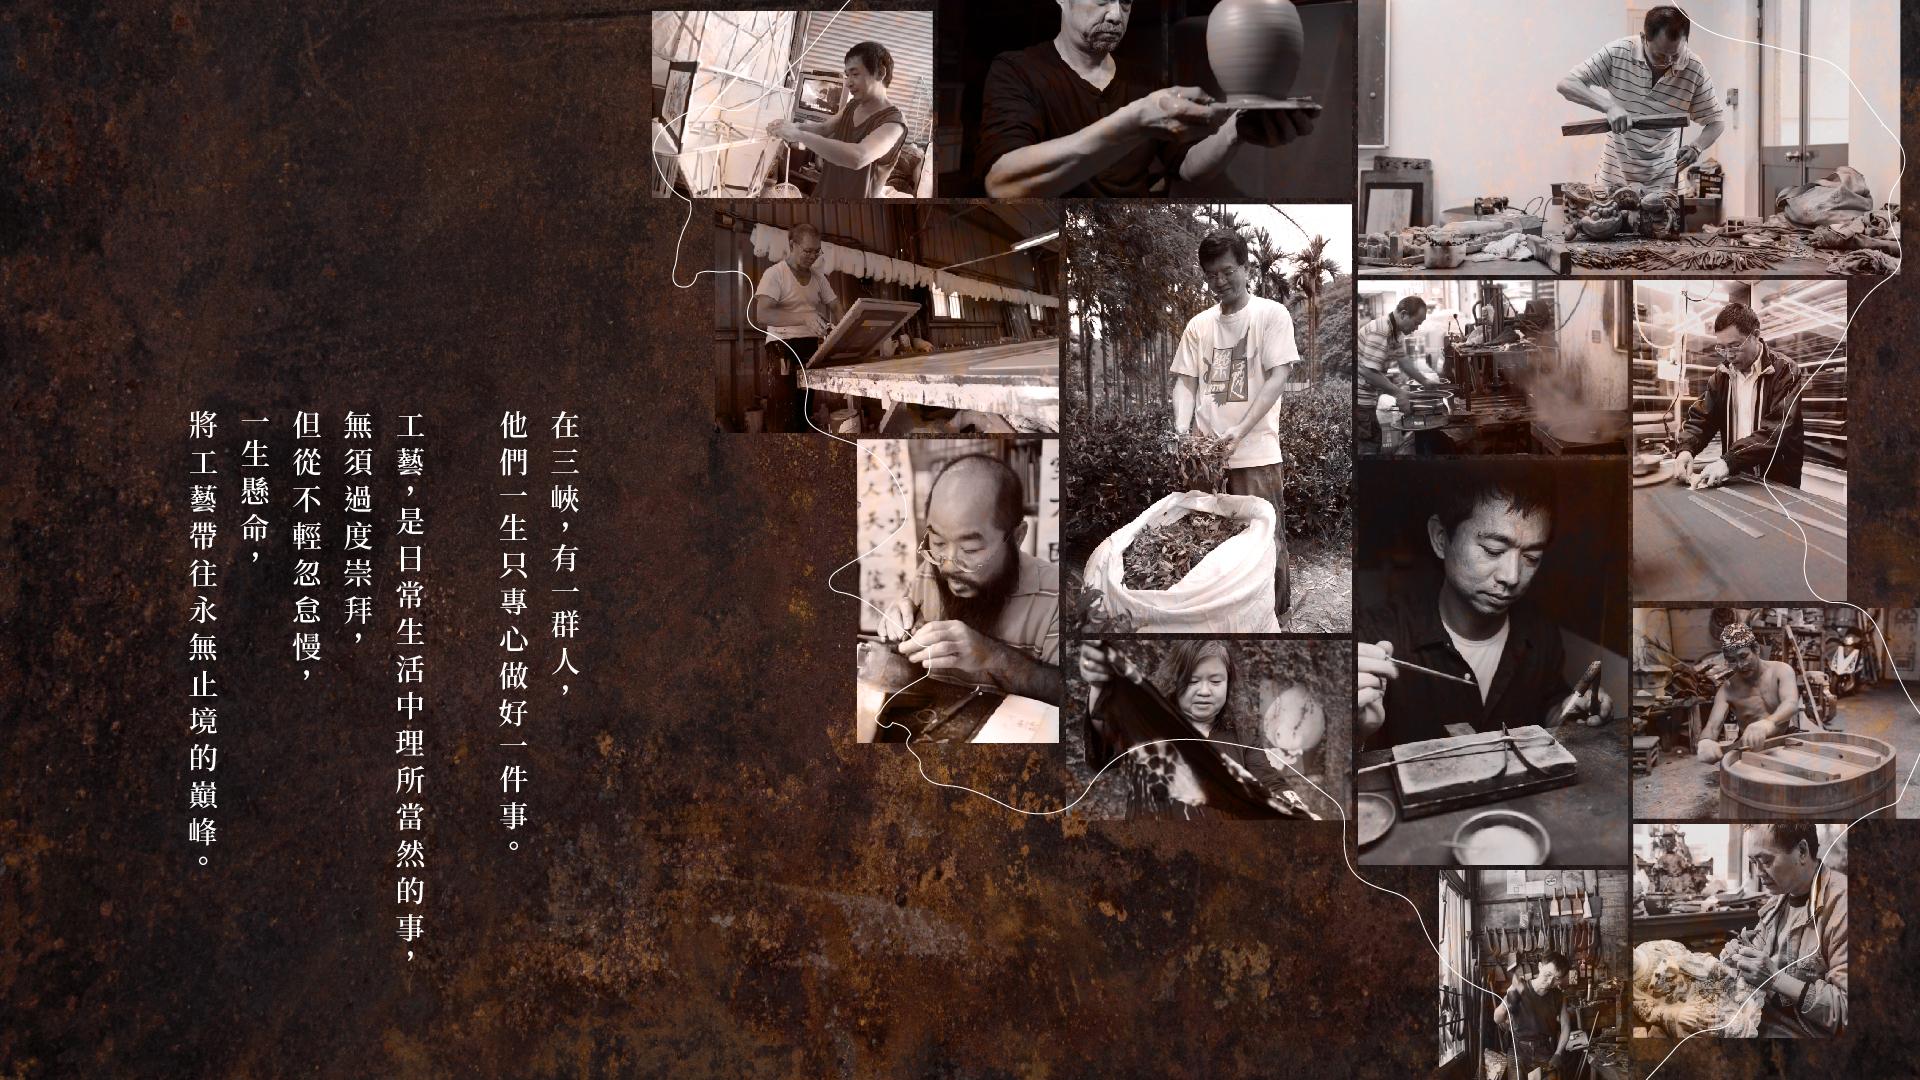 職人小學堂 隱身在巷弄間的台灣傳統技藝,與各種形形色色的藝術家、職人們,反而匯集成了三峽獨特的氣味與樣貌,只可惜隨著時間的流逝而逐漸凋零。   甘樂文創   甘之如飴,樂在其中